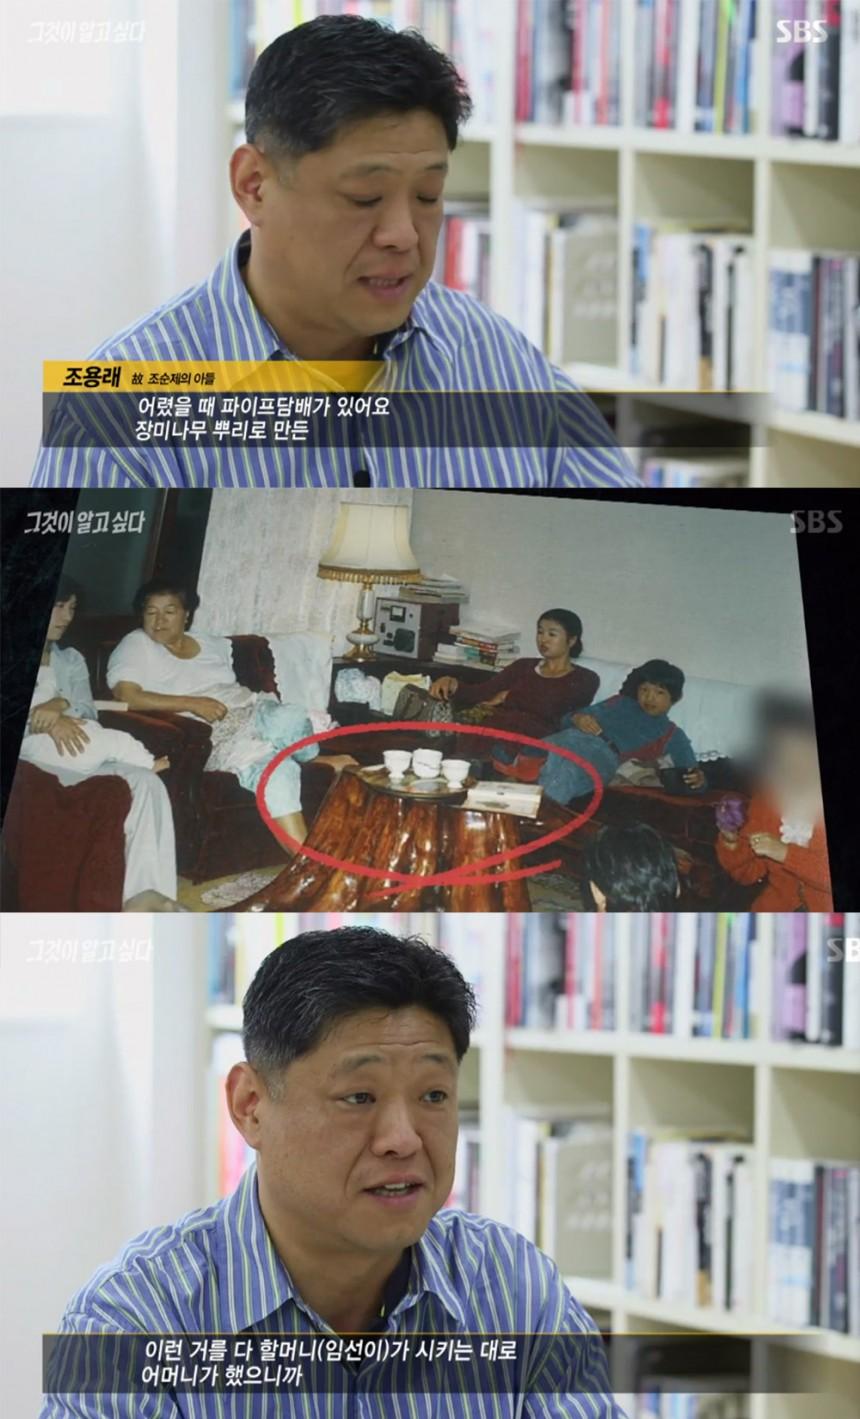 '그것이 알고 싶다' 출연진 / SBS '그것이 알고 싶다' 방송 캡처